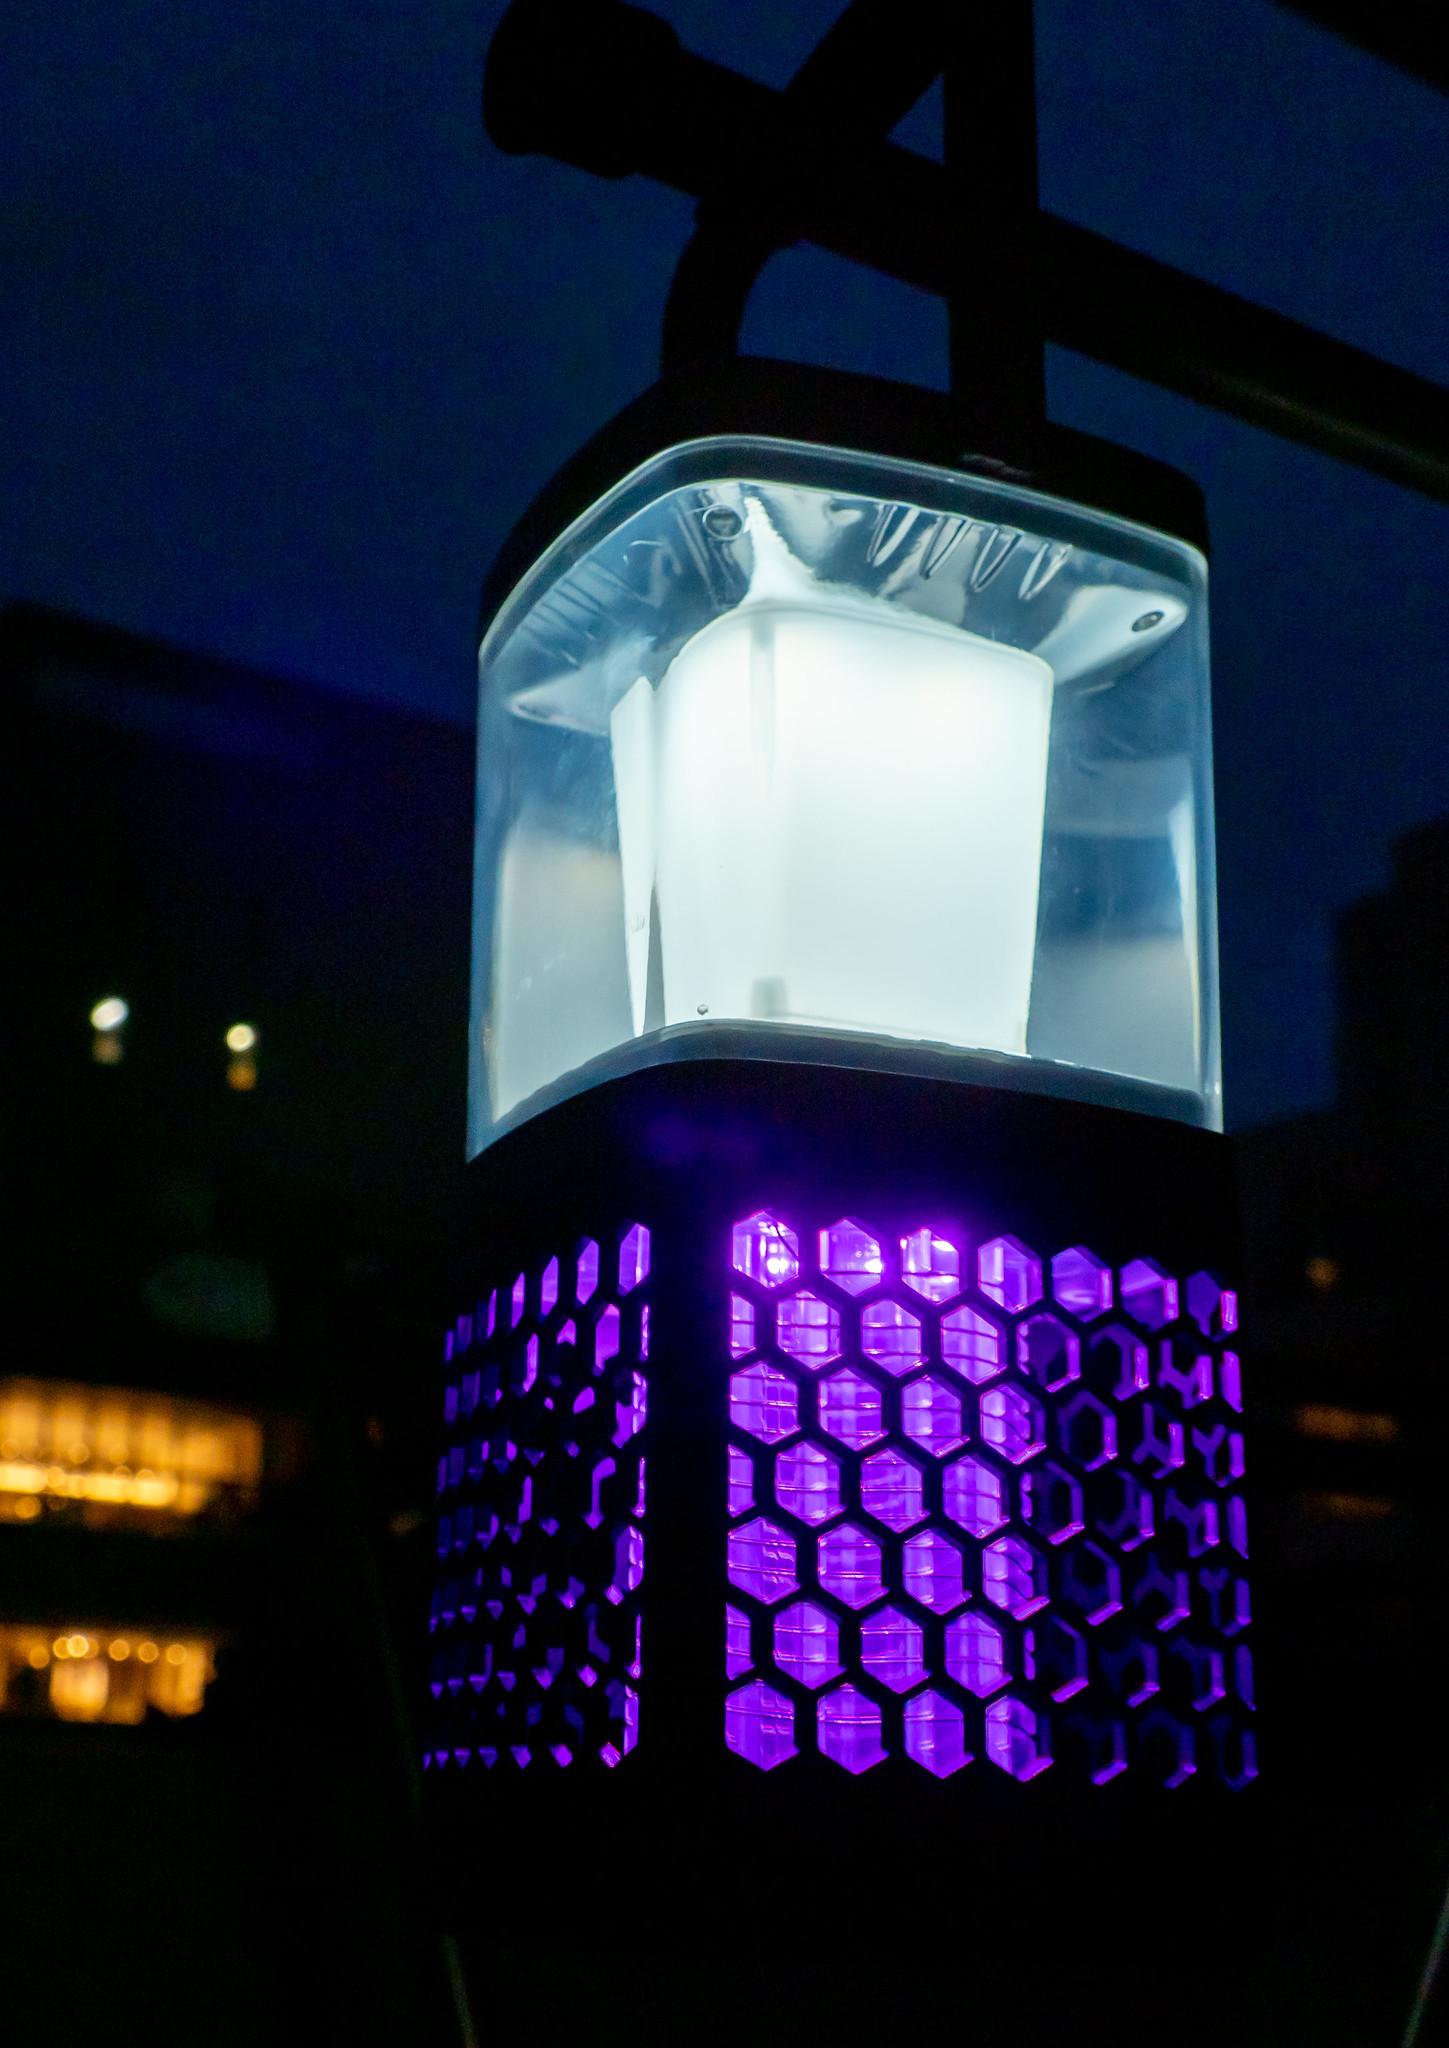 蚊対策に モスキーターZ 薬剤や電源が不要で匂いや音もなく安全な電撃殺虫器  LEDランタンも付いて災害対策にも